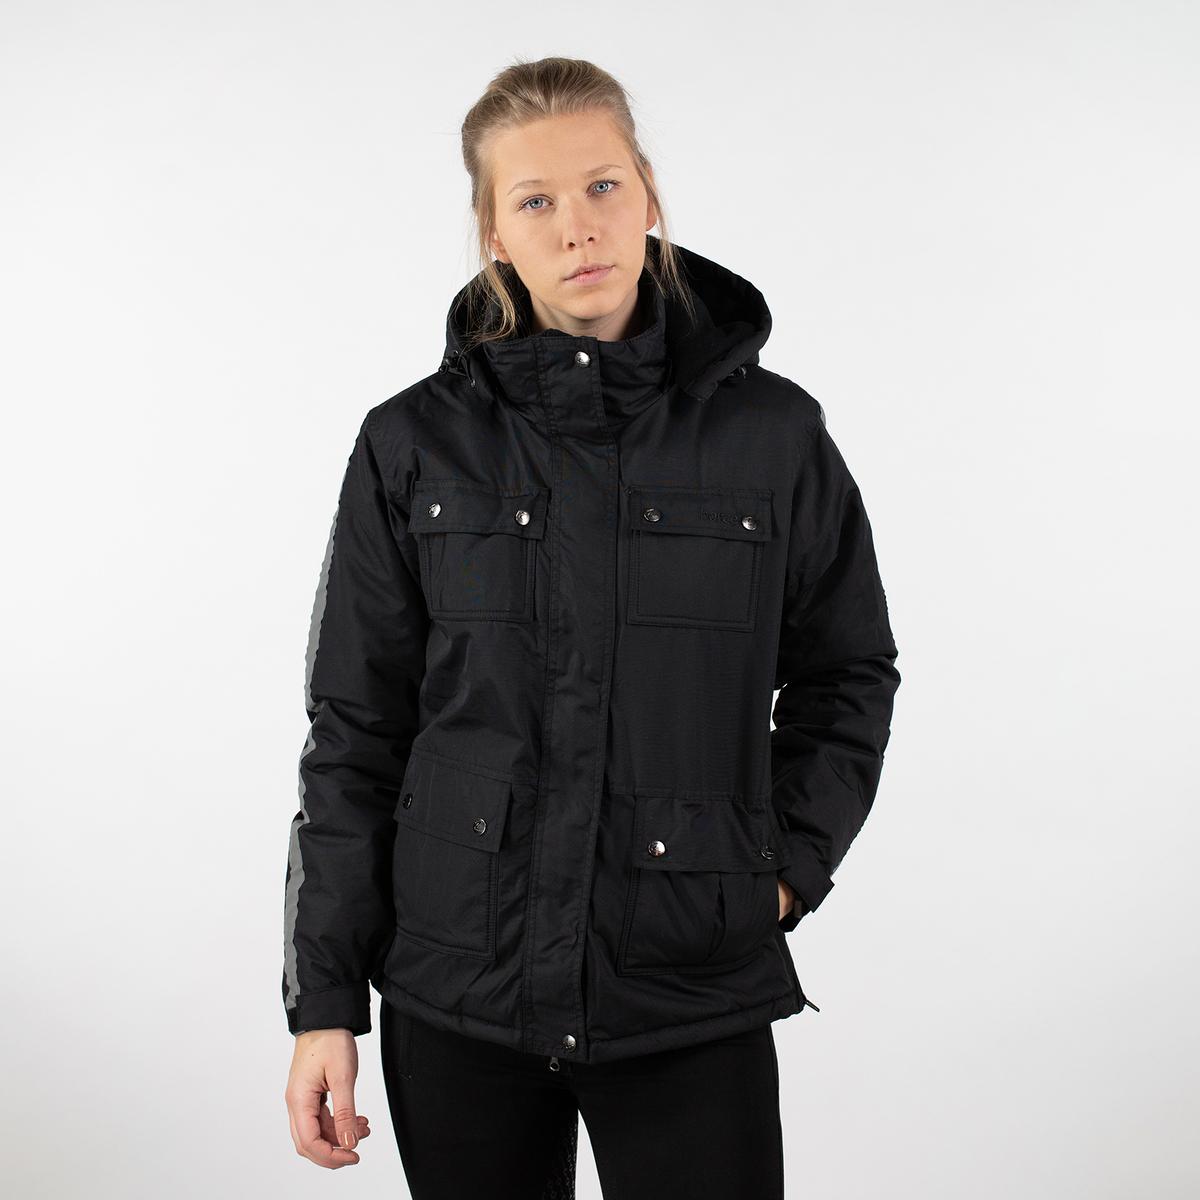 8c7b5cb47 Horze WinterRider jakke | Horze